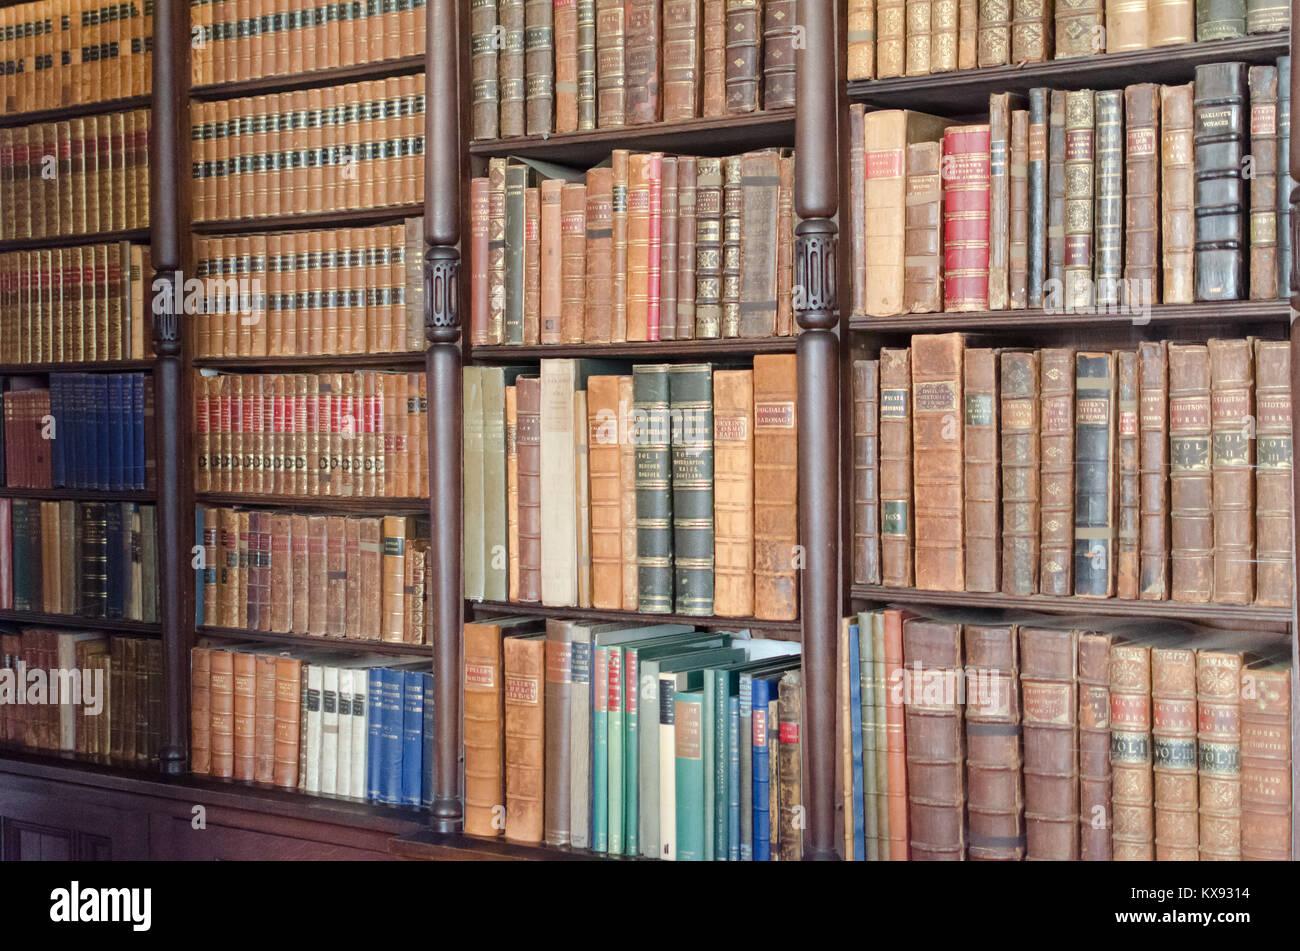 Se la conoscenza è potere, allora questi libri sono uno storico tesoro... Immagini Stock